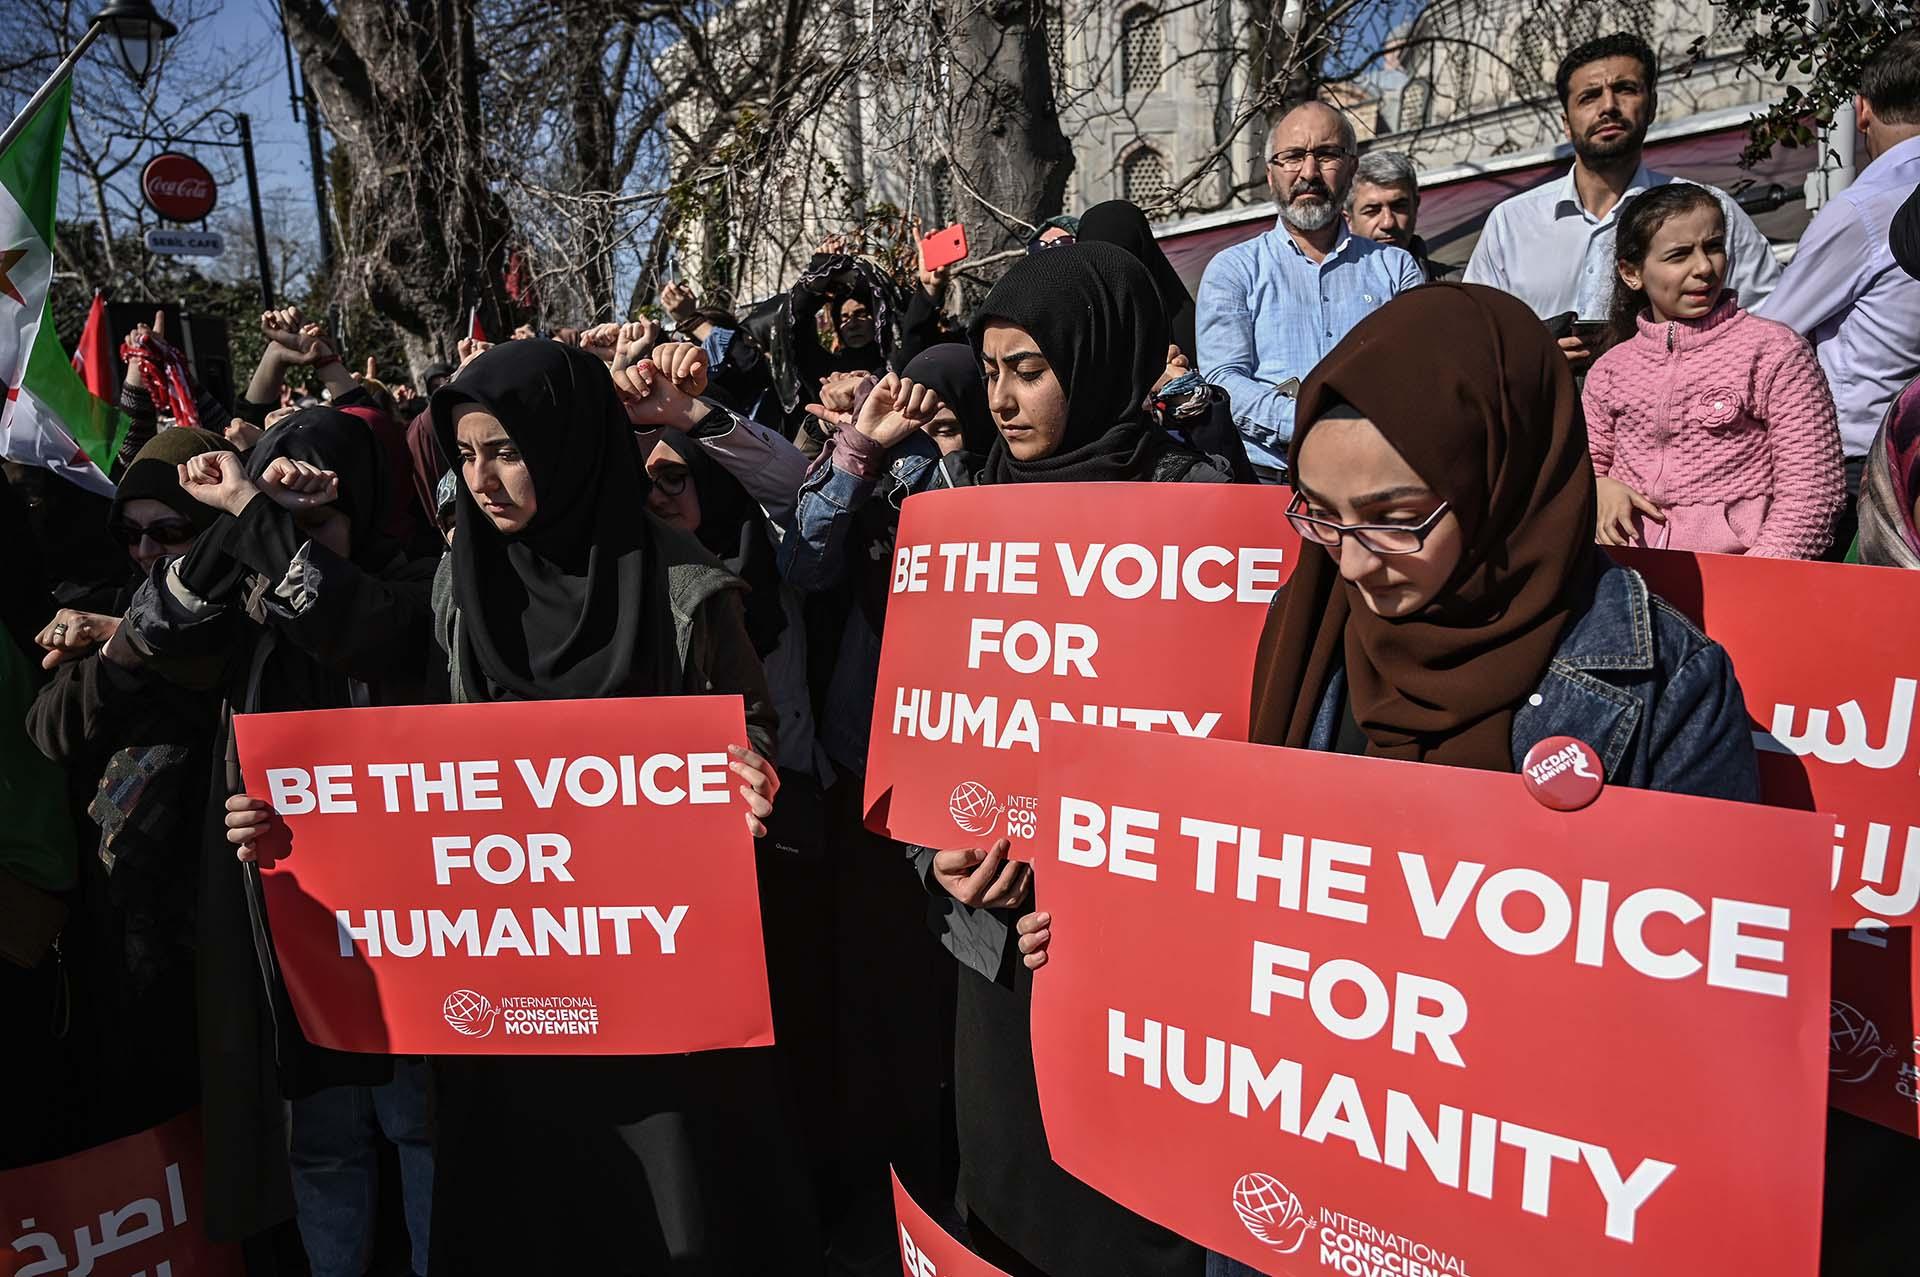 Mujeres sostienen pancartas en Estambul, Turquía (Photo by Ozan KOSE / AFP)